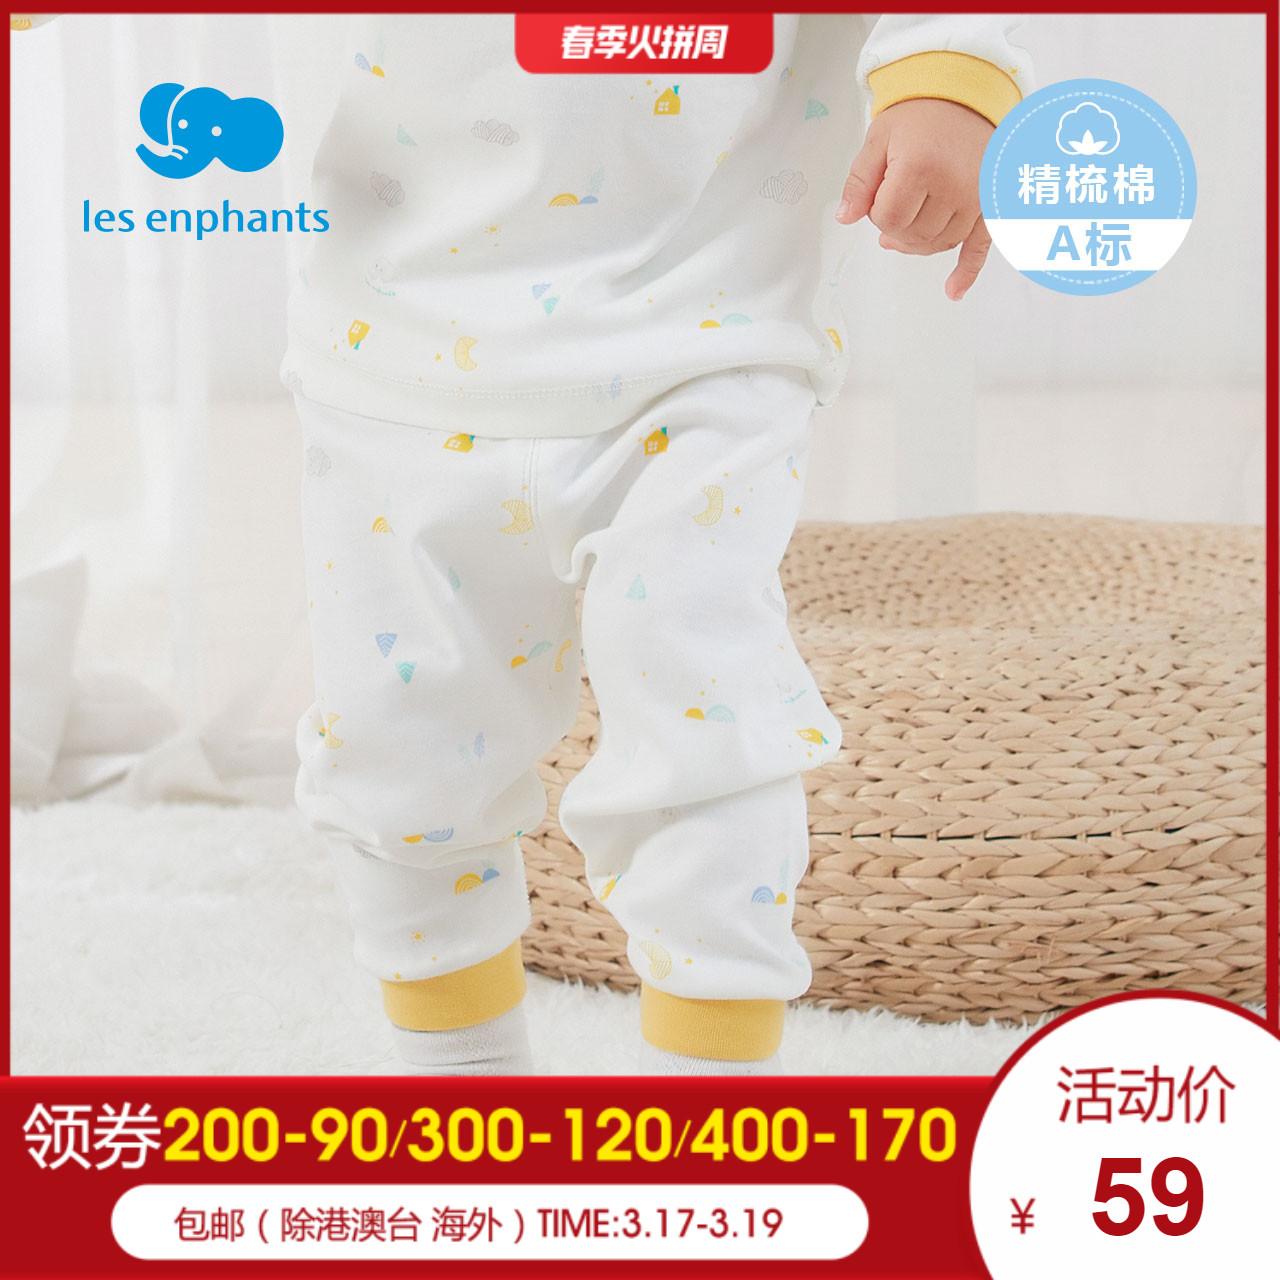 Li phòng bé quần áo trẻ em mùa xuân nam nữ đồ ngủ bé cotton đồ lót sơ sinh quần trẻ em mùa thu 2020 mới - Quần áo lót